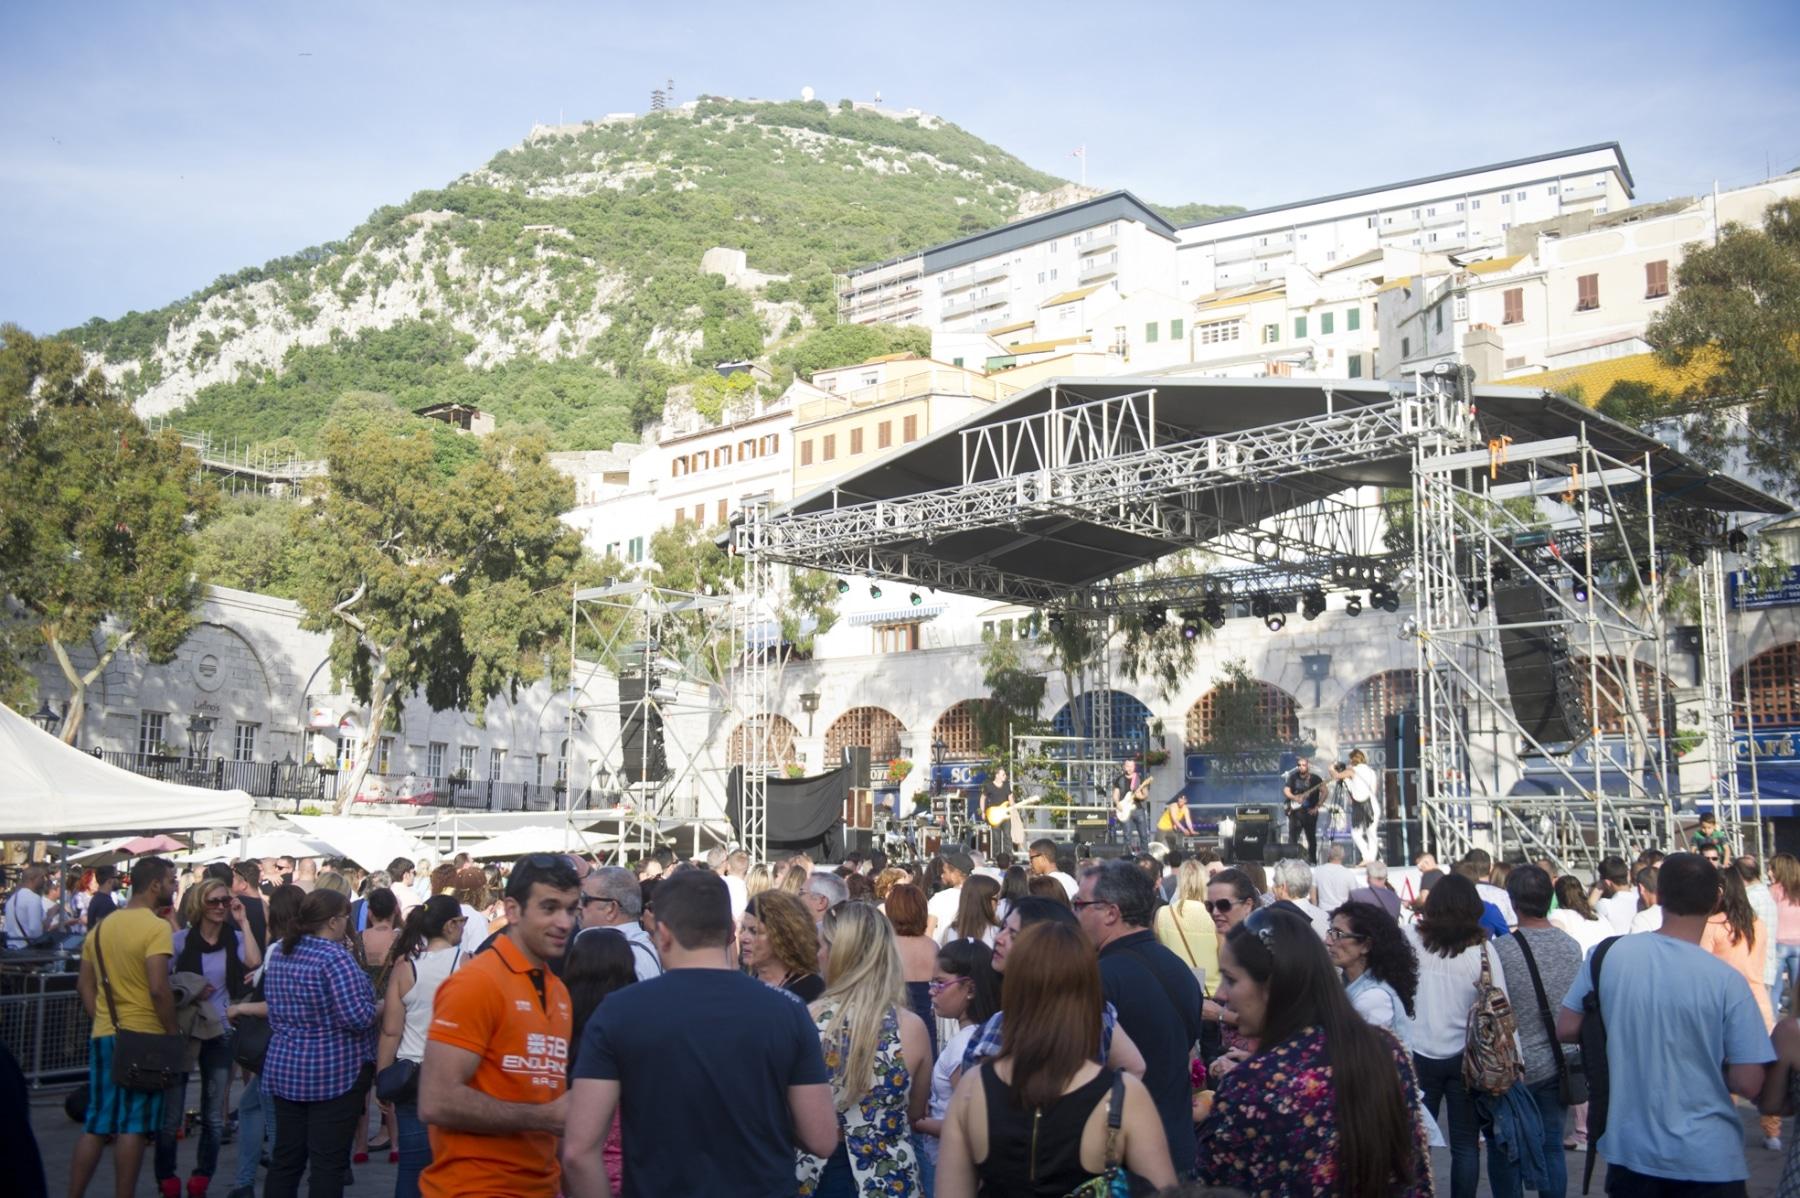 fiesta-del-1-de-mayo-en-gibraltar-01052015-01_16744244593_o